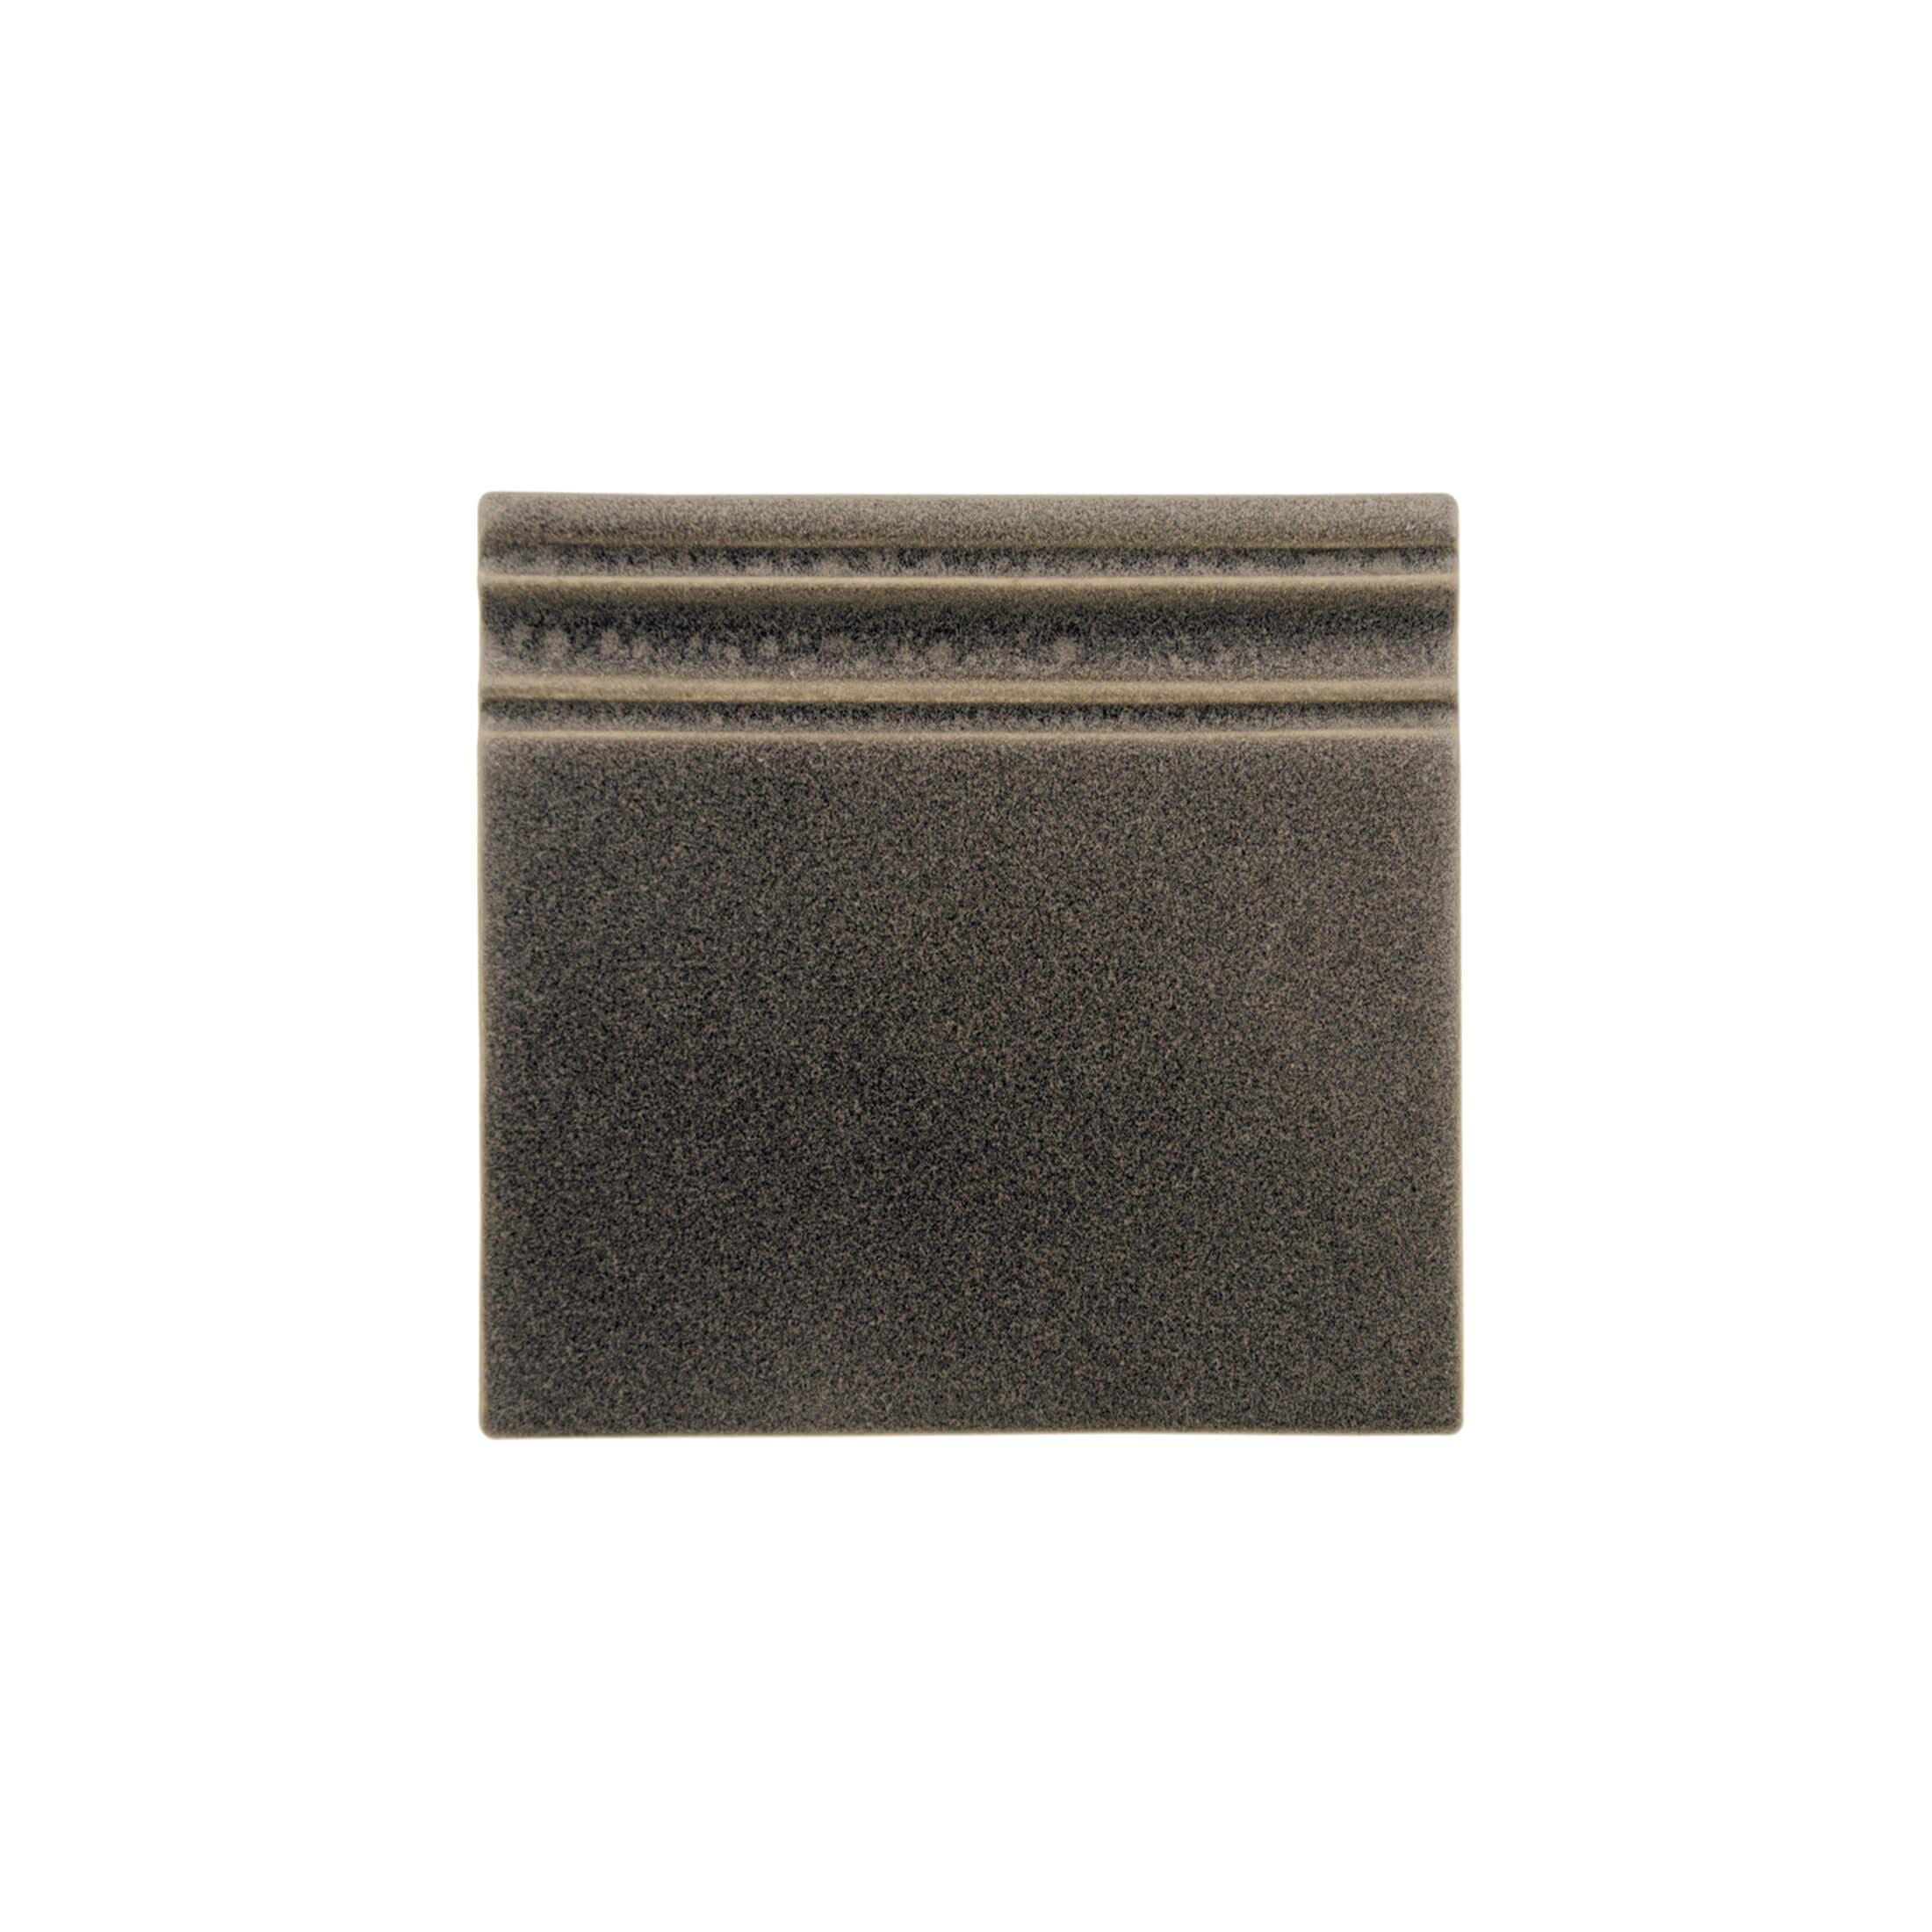 ADNT5034 - RODAPIE  - 13 cm X 15 cm